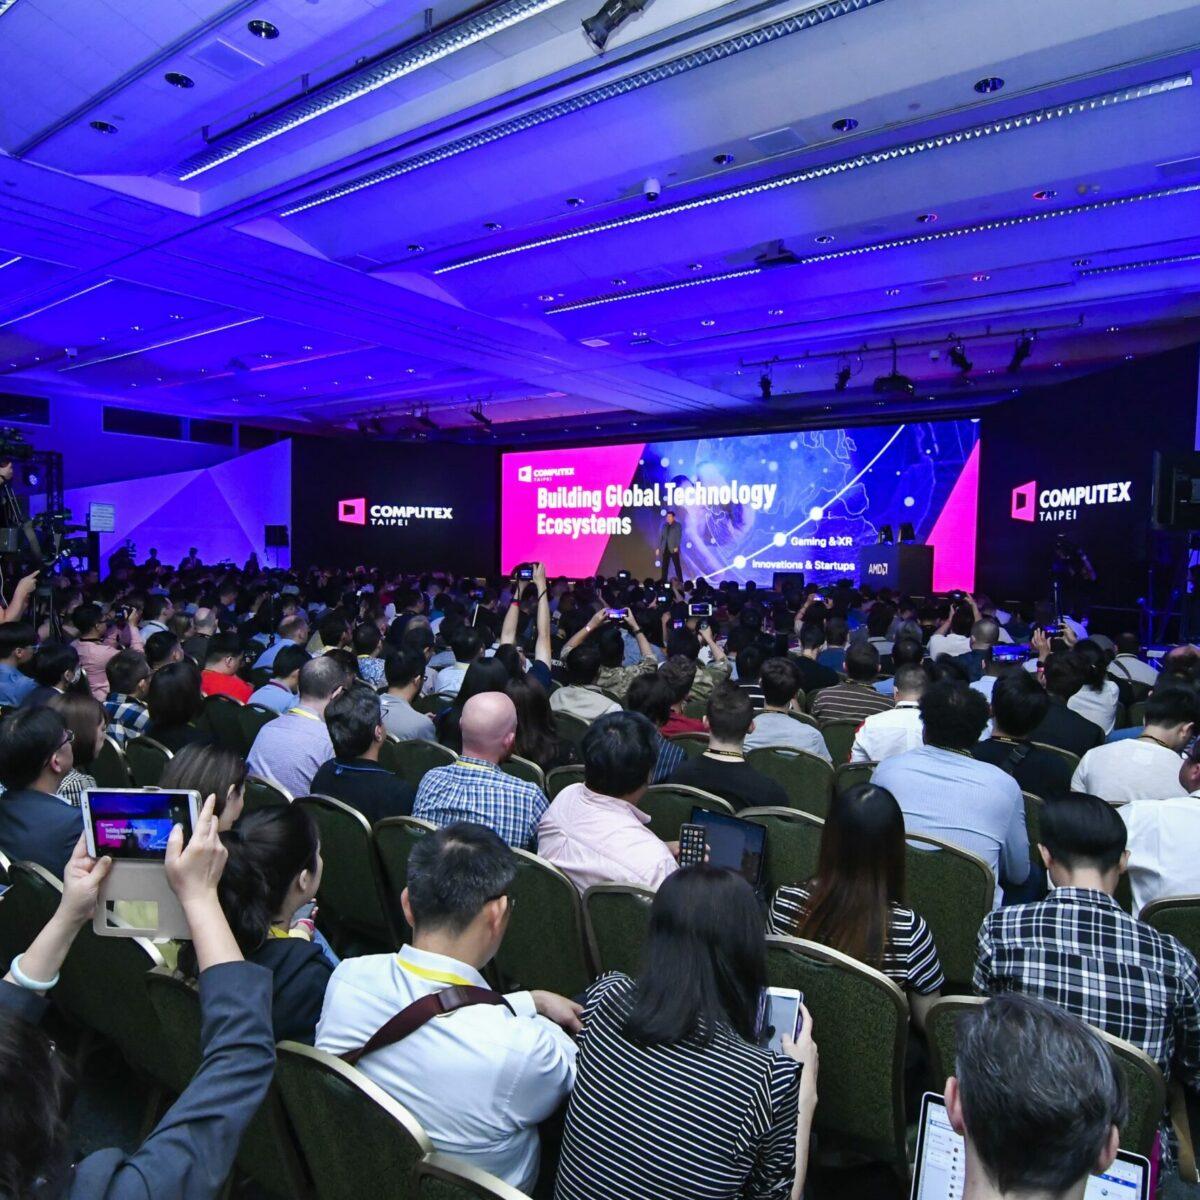 Computex 2019 Press Conference